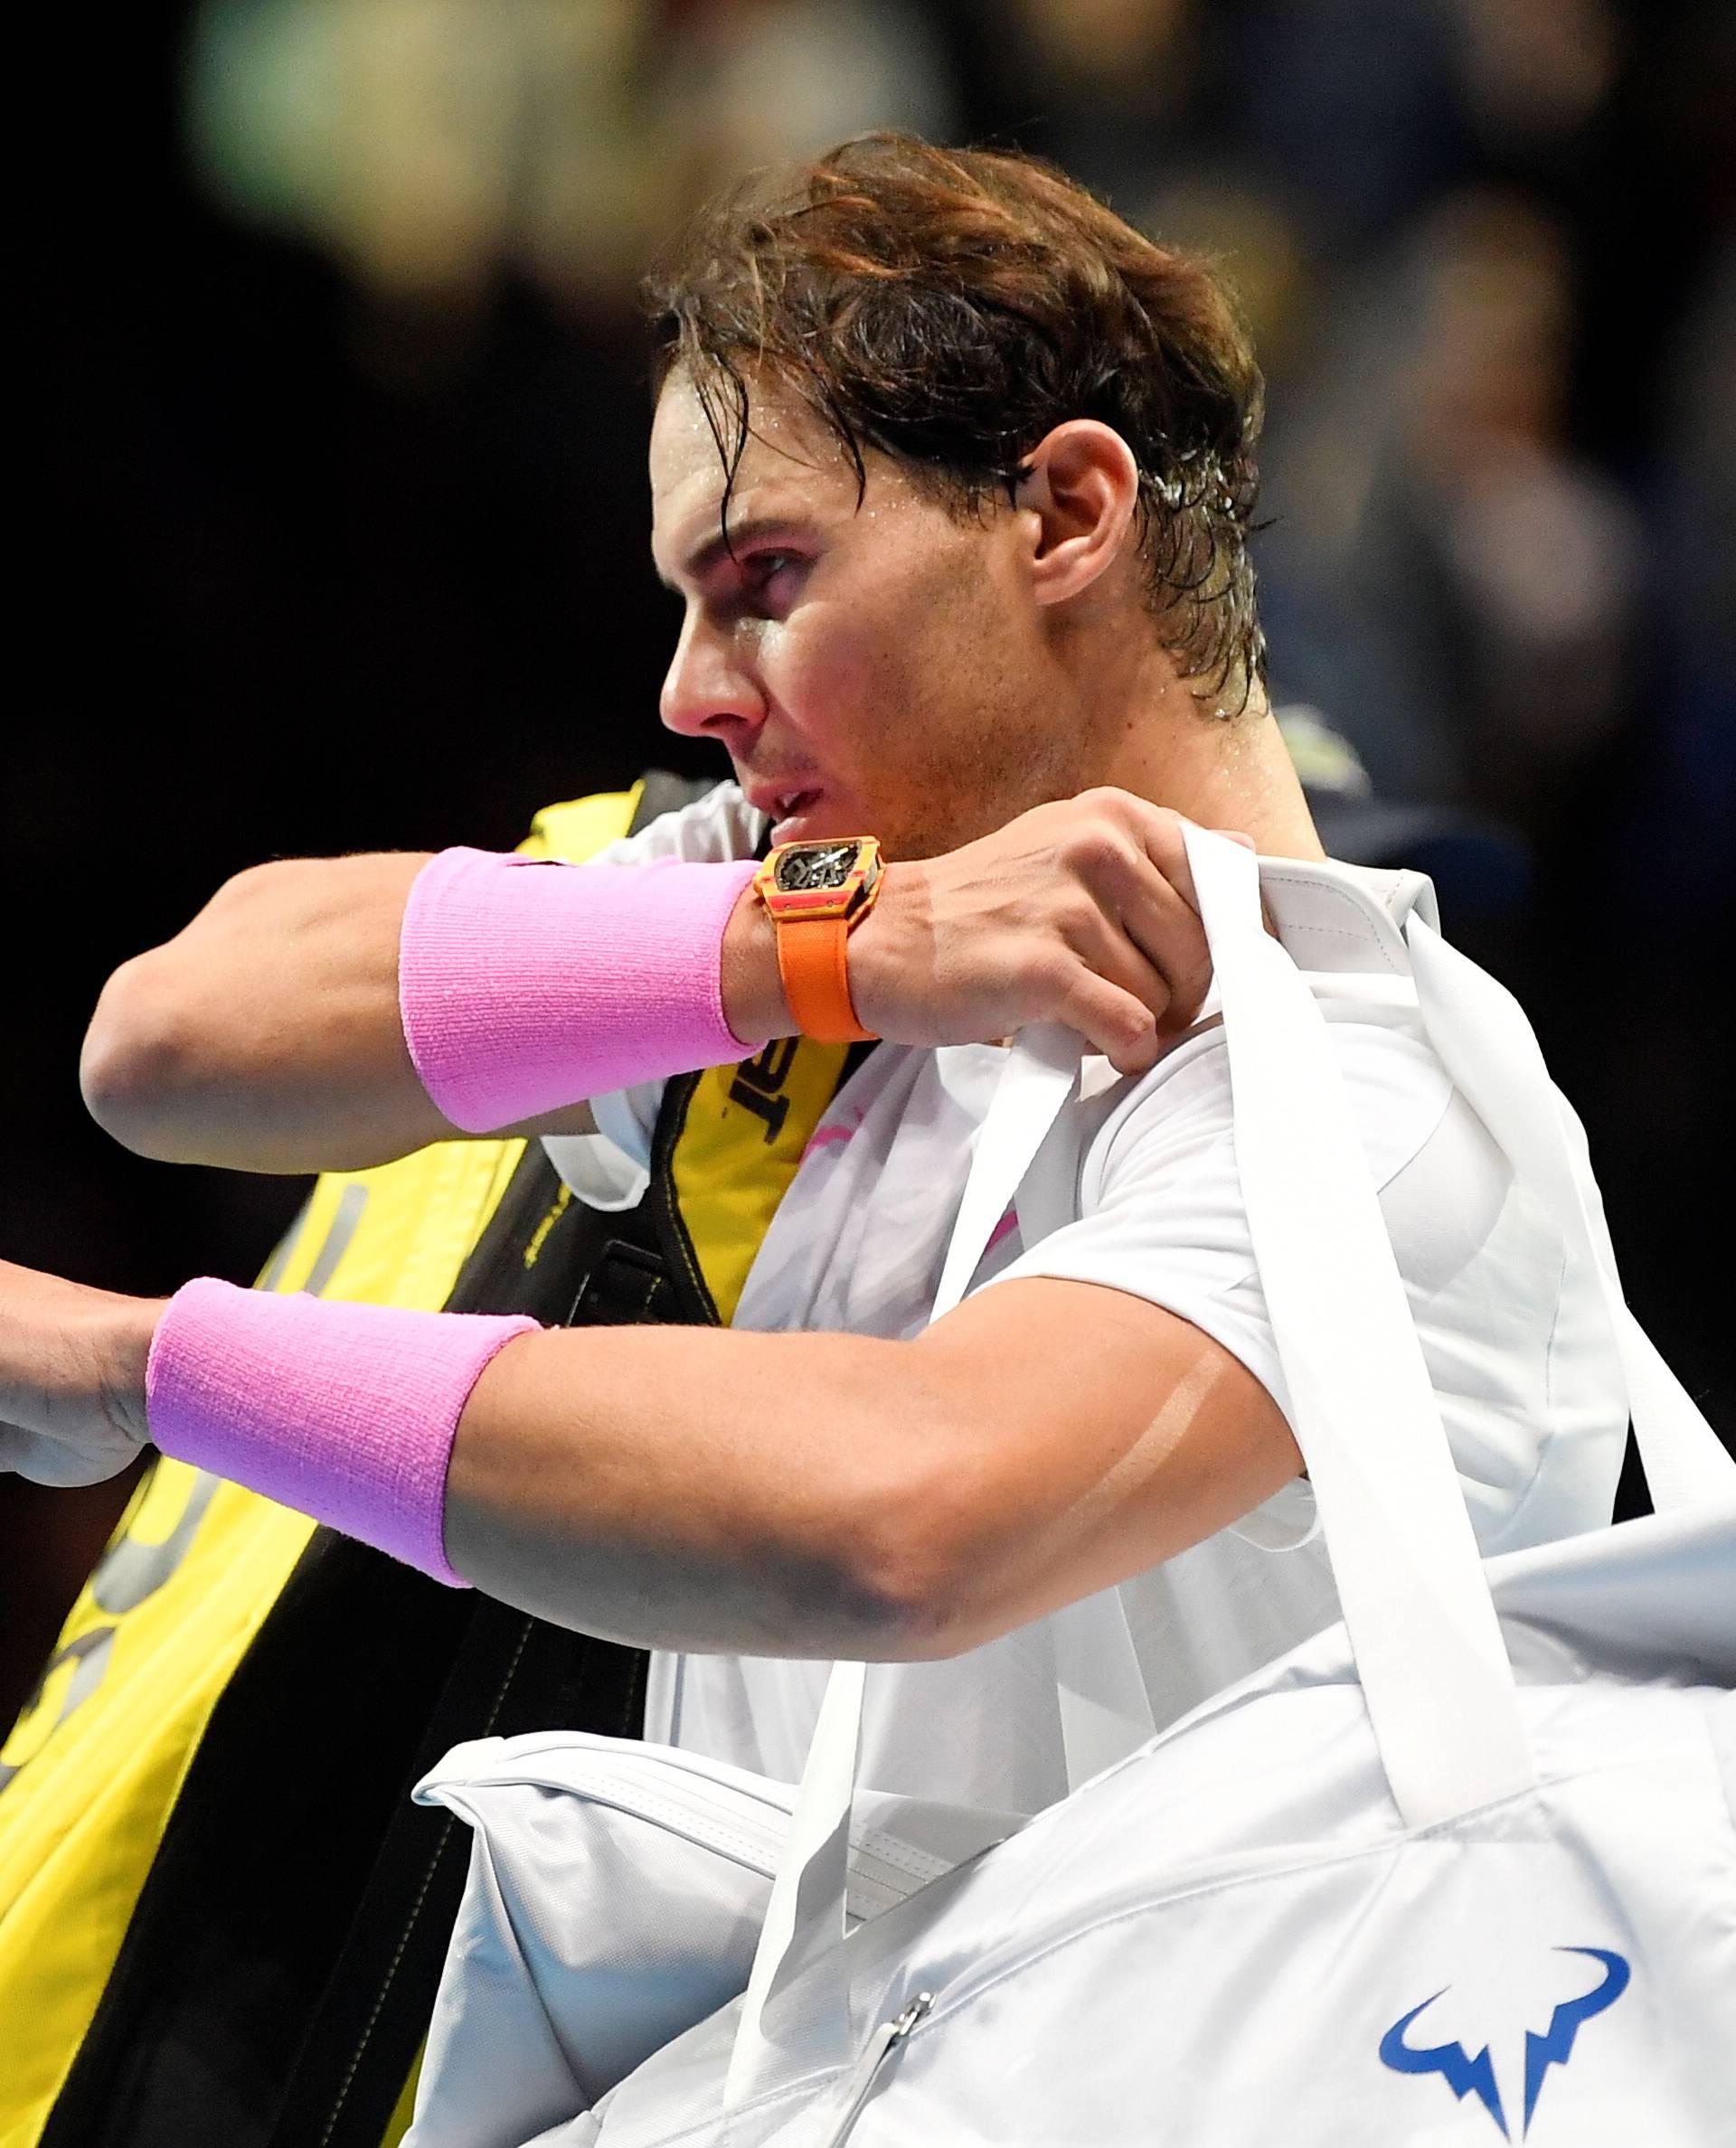 Iznenađenje u Londonu: Nadal izgubio meč nakon 4 mjeseca!